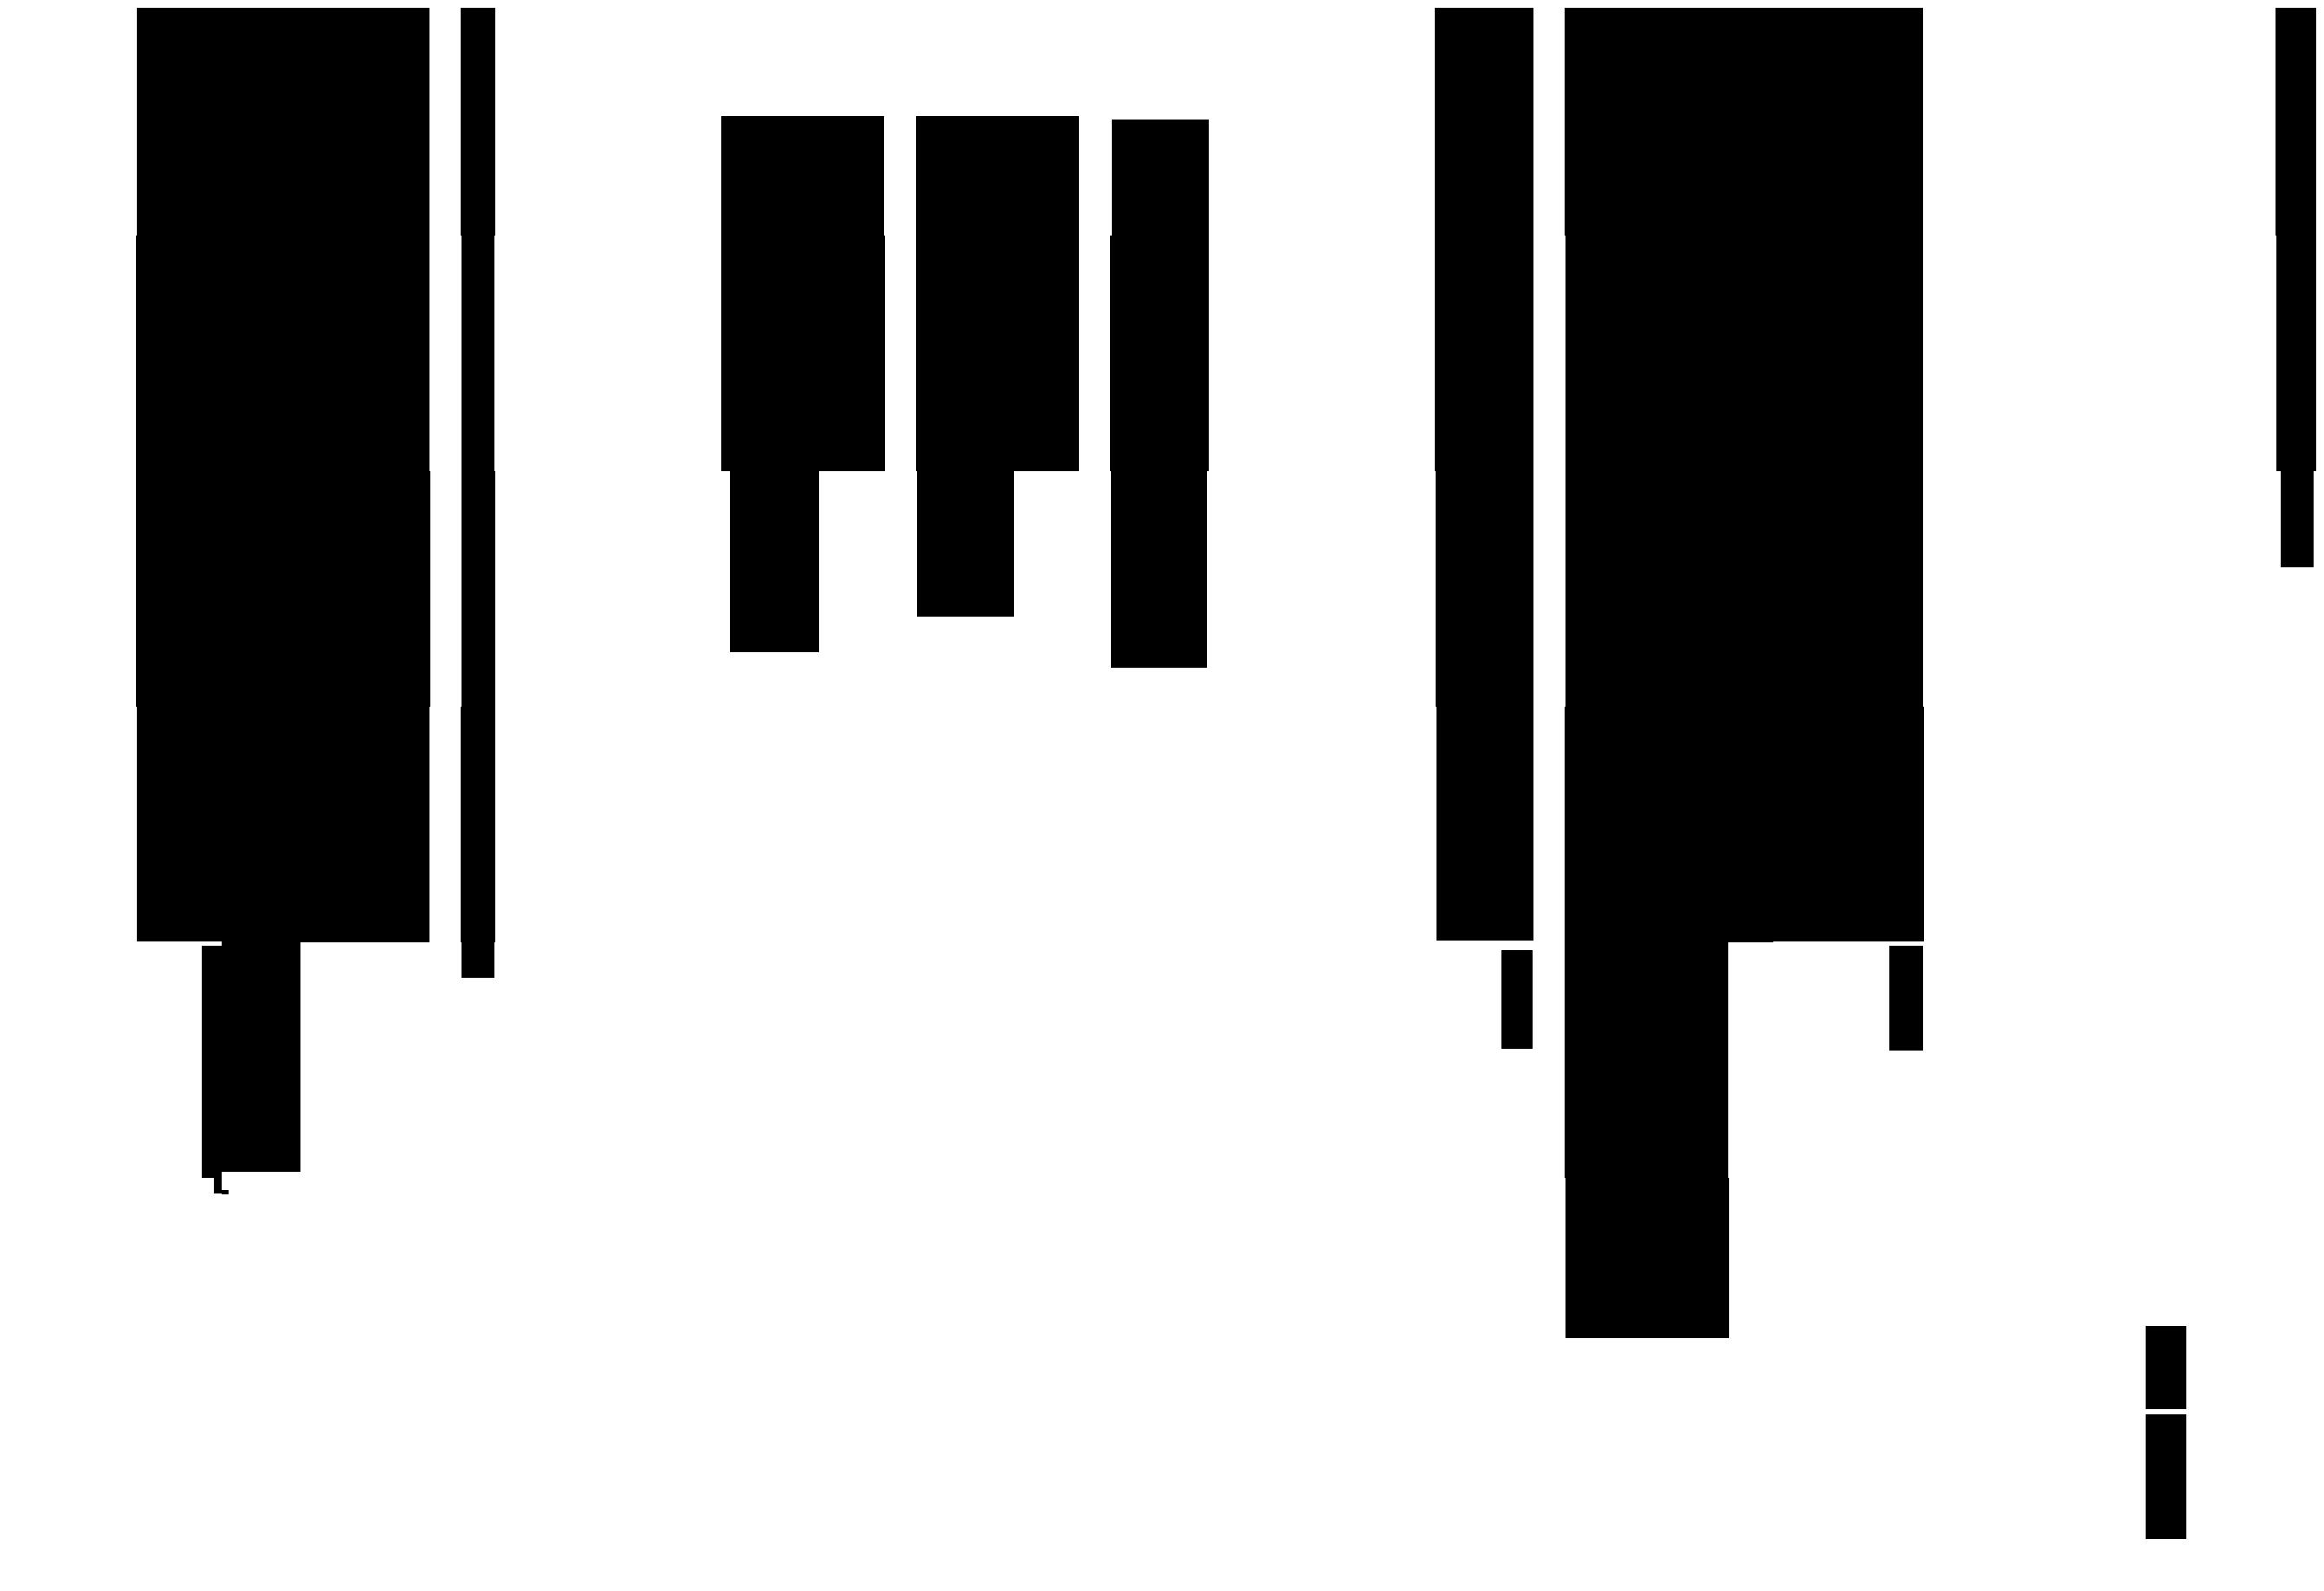 倉田詩131220-1